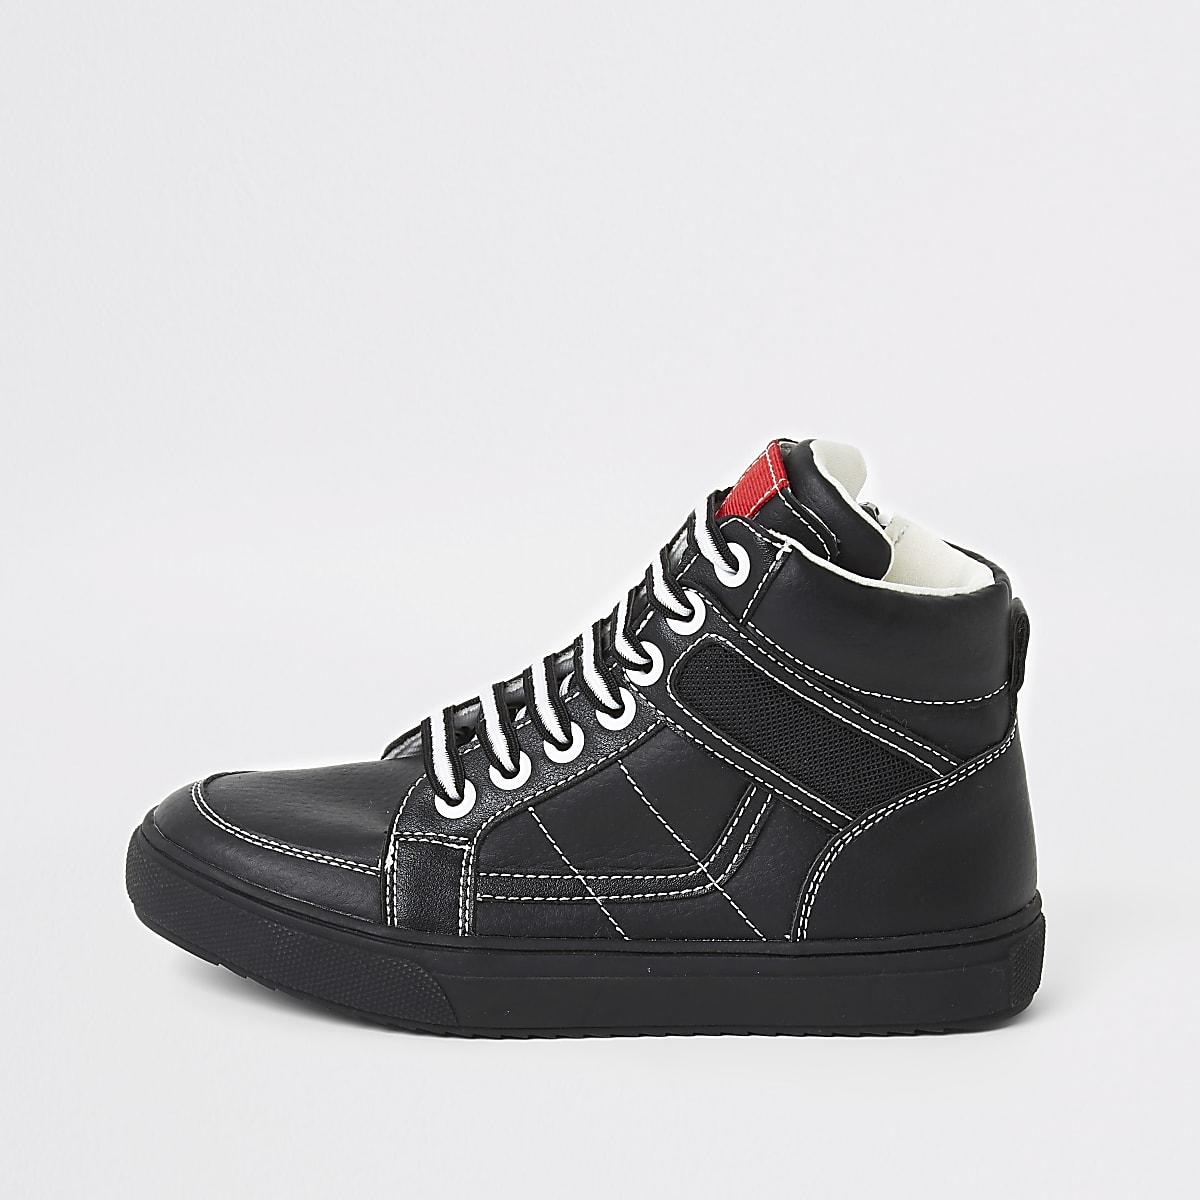 Schwarze High-Top-Sneaker mit Kontrastnähten für Jungen